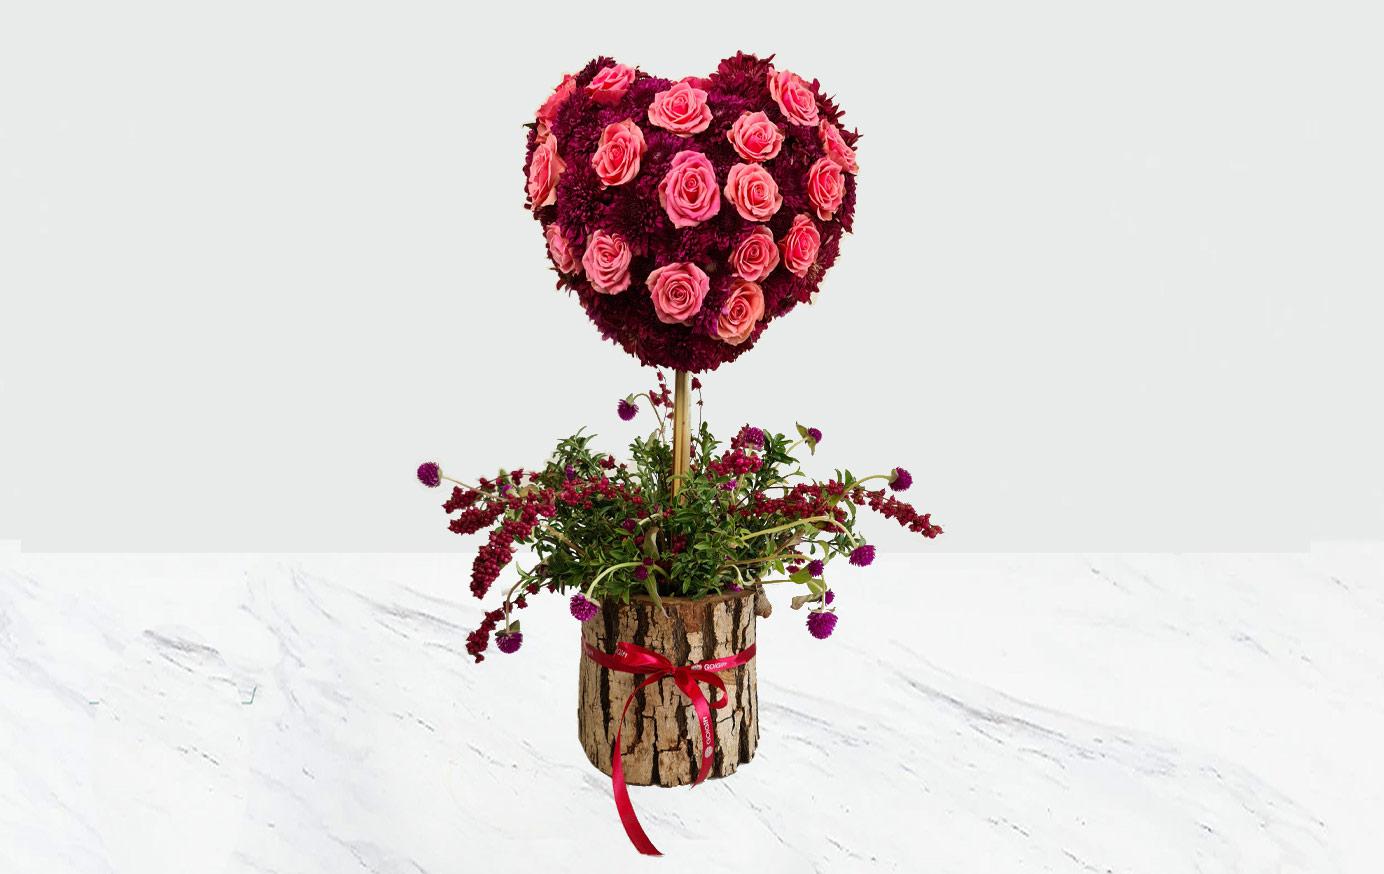 گلدان چوبی گل رز و داوودی